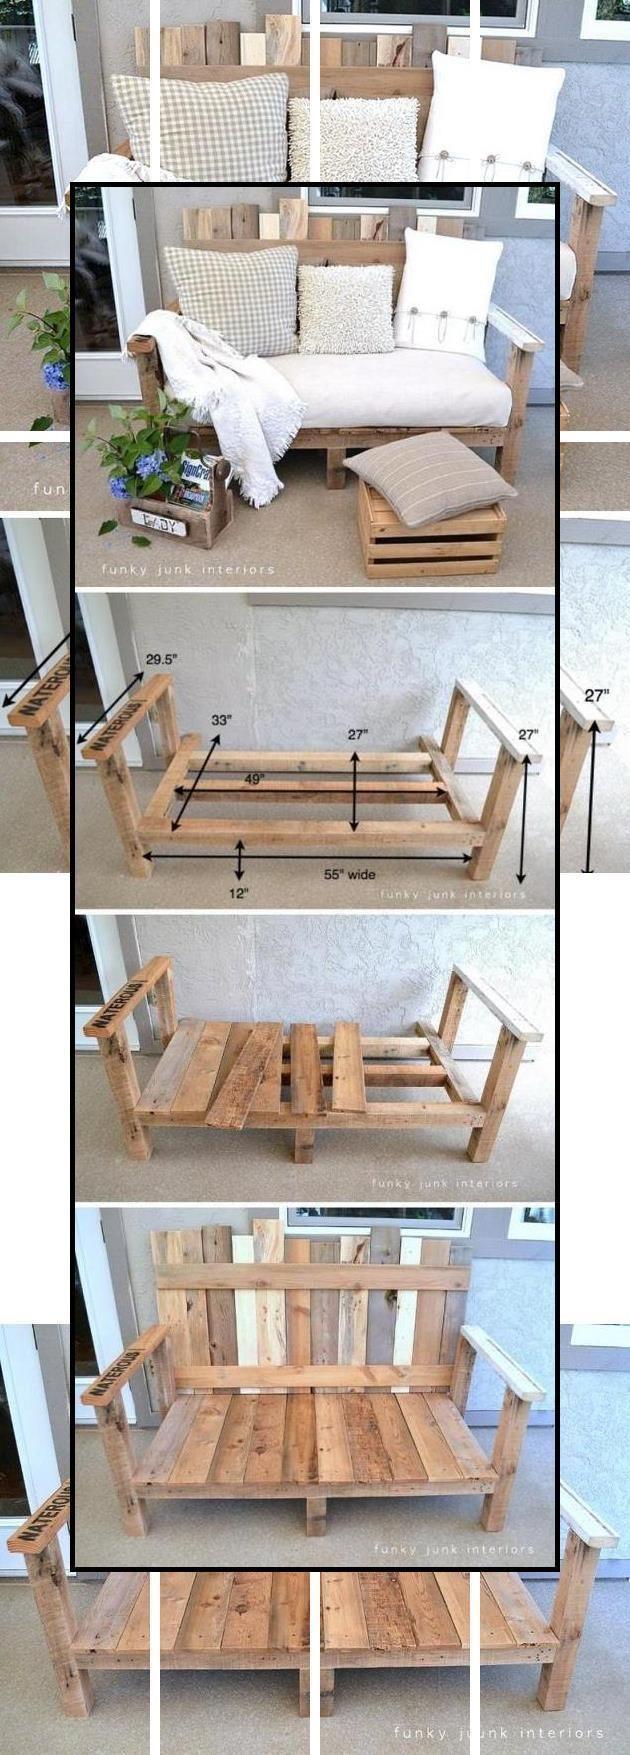 Diy Pallet Furniture Ideas Pallet One Pallet Plus Pallet Furniture Outdoor Outdoor Furniture Plans Diy Pallet Furniture Outdoor